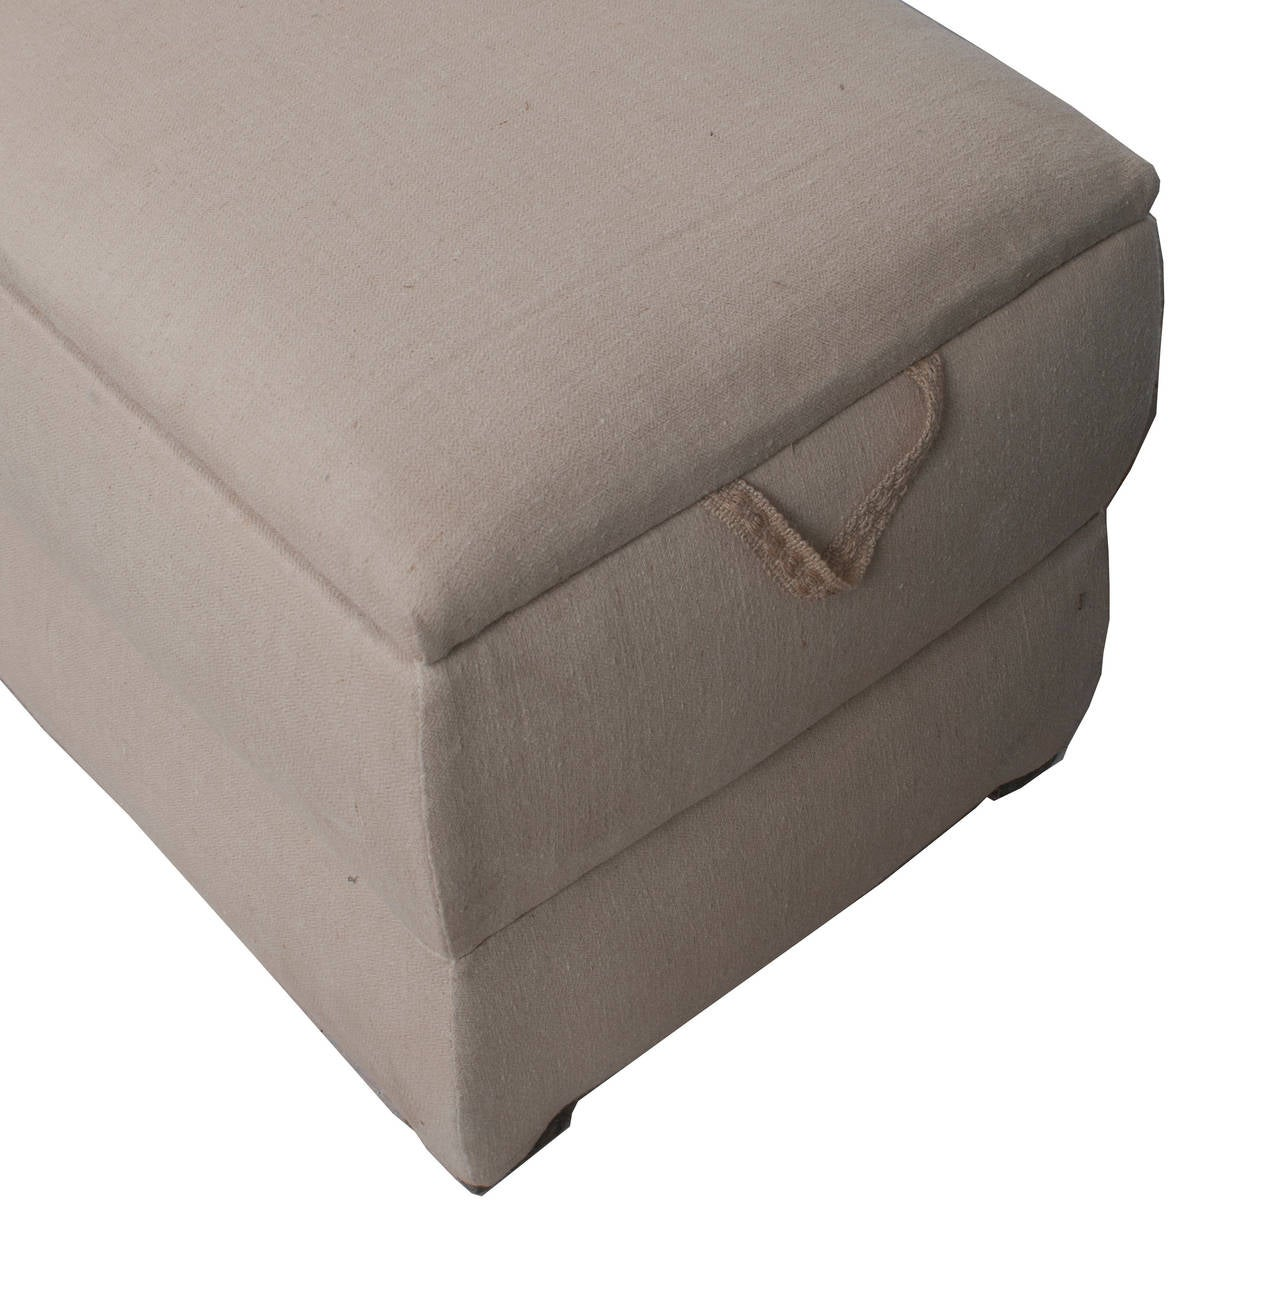 Pair of Italian trunks upholstered in antique white linen.